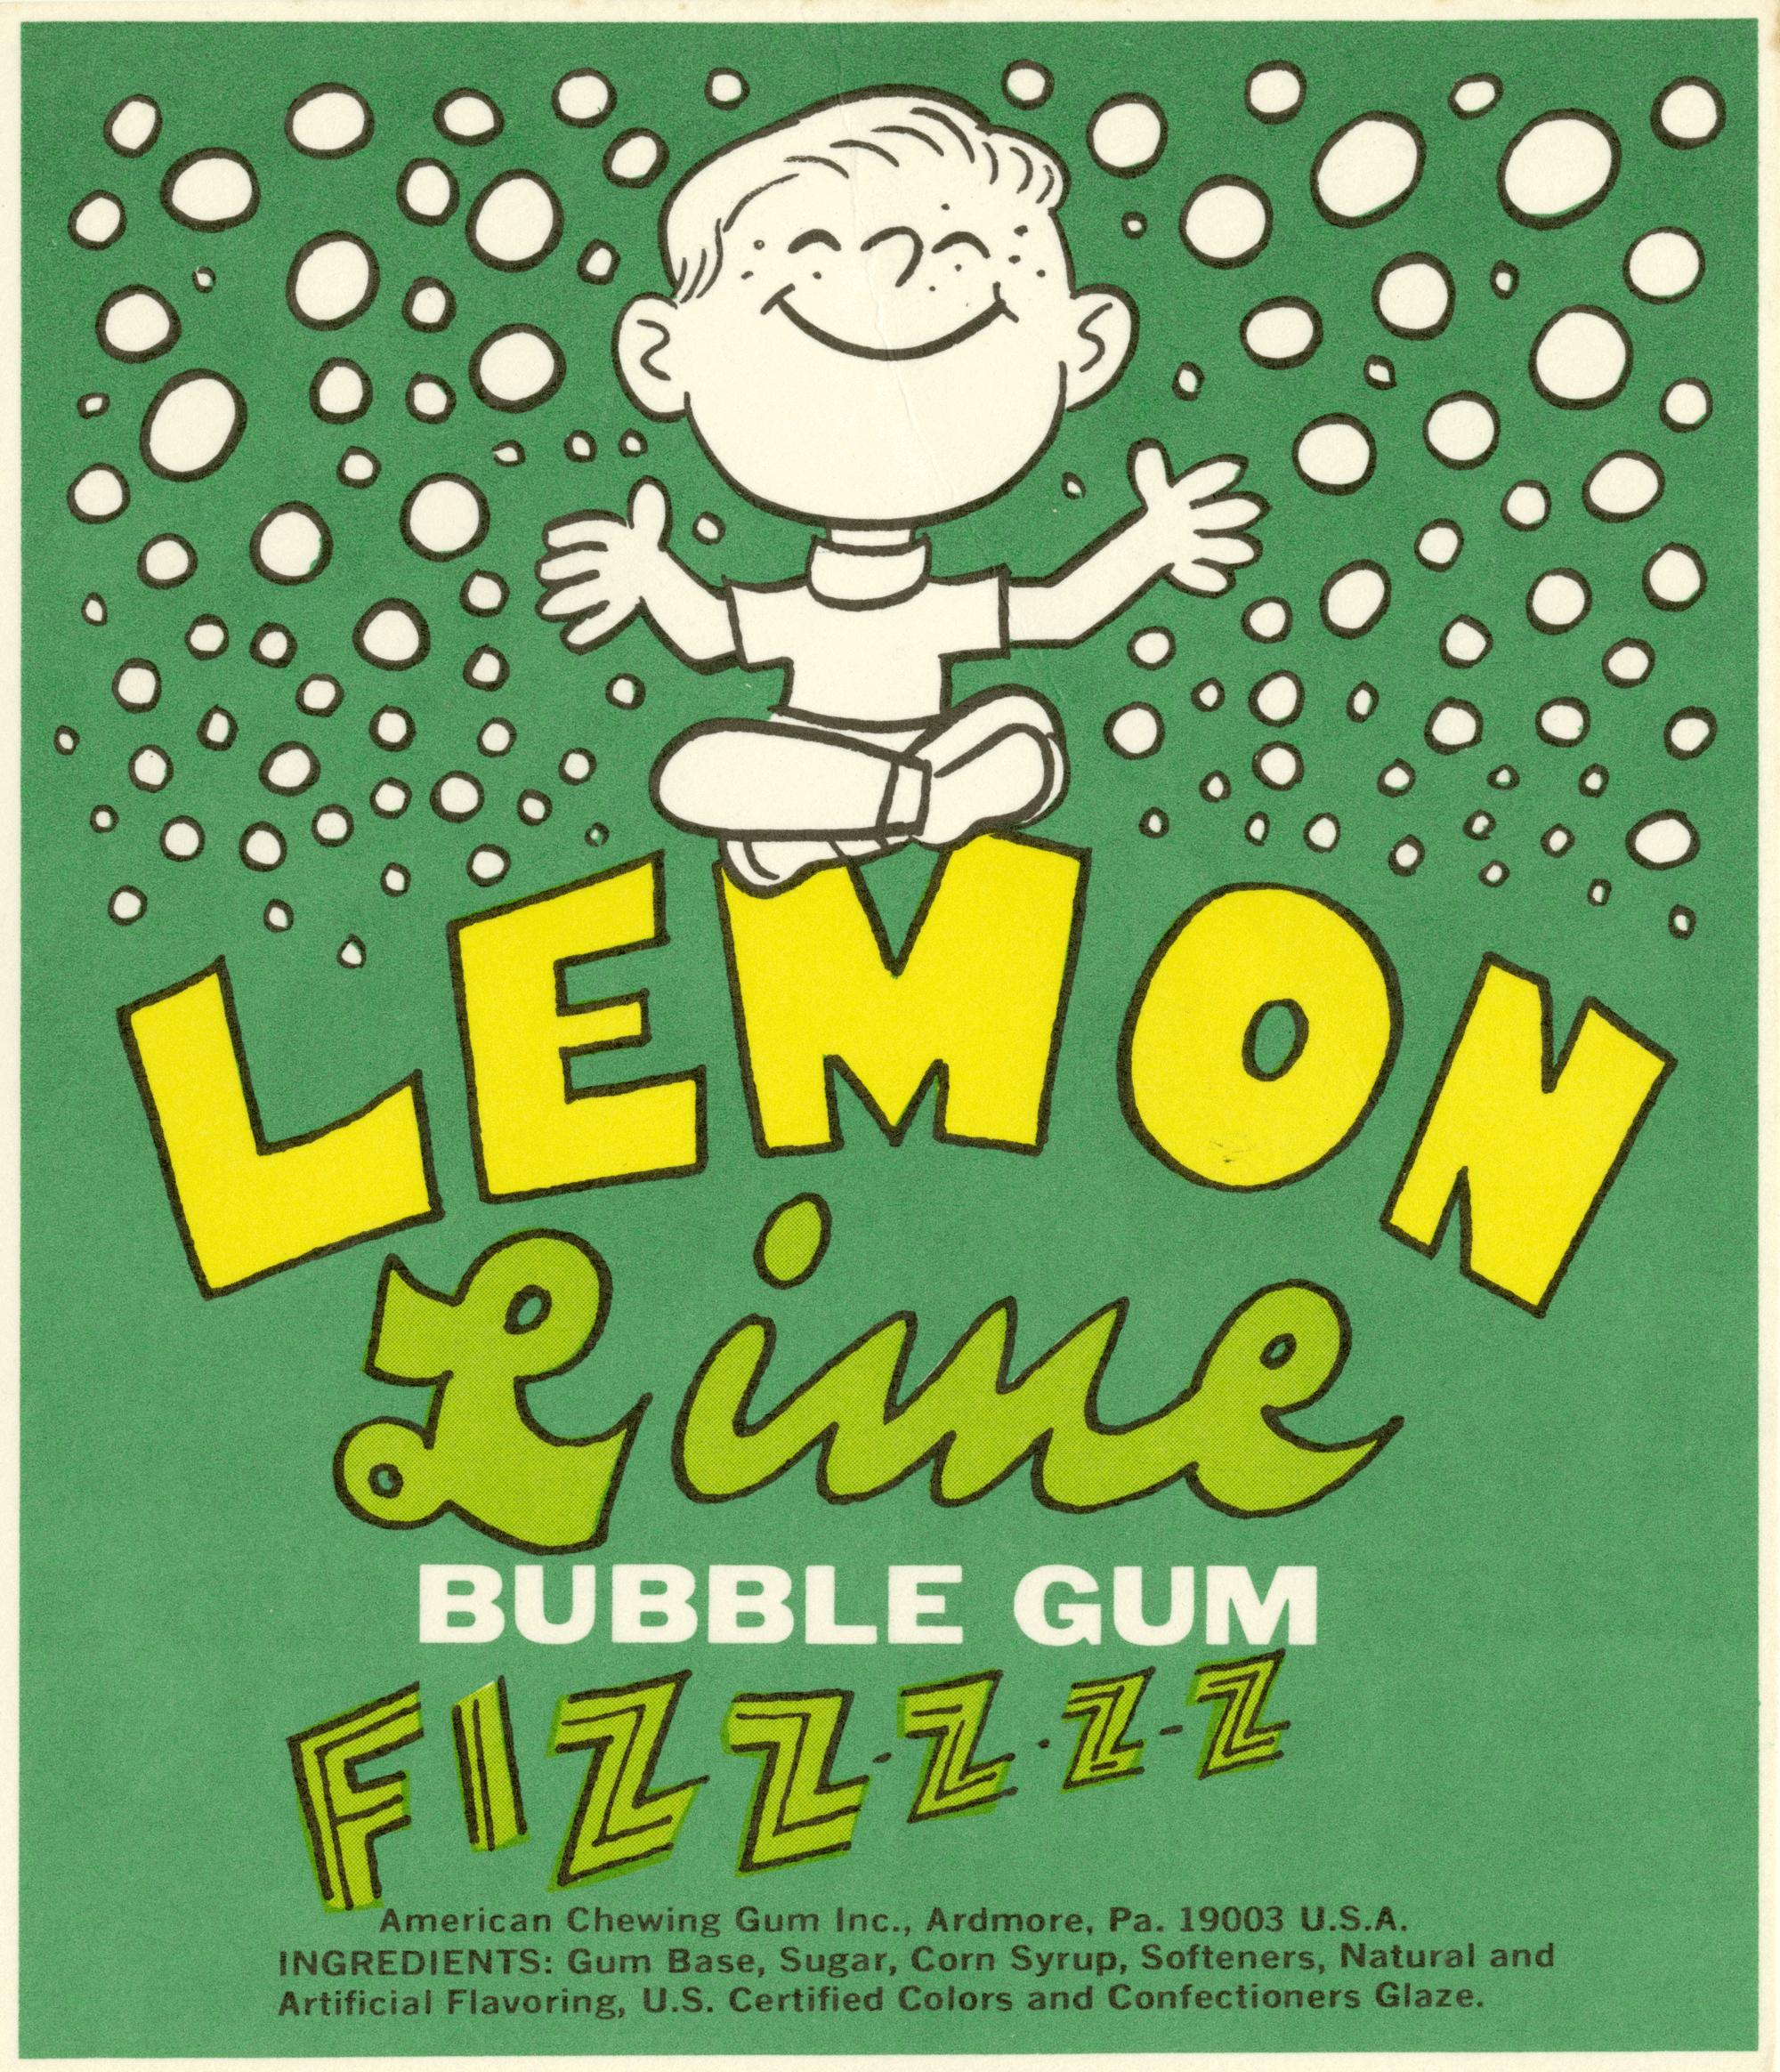 lemon-lime-fizzzzzz_36650471733_o.png